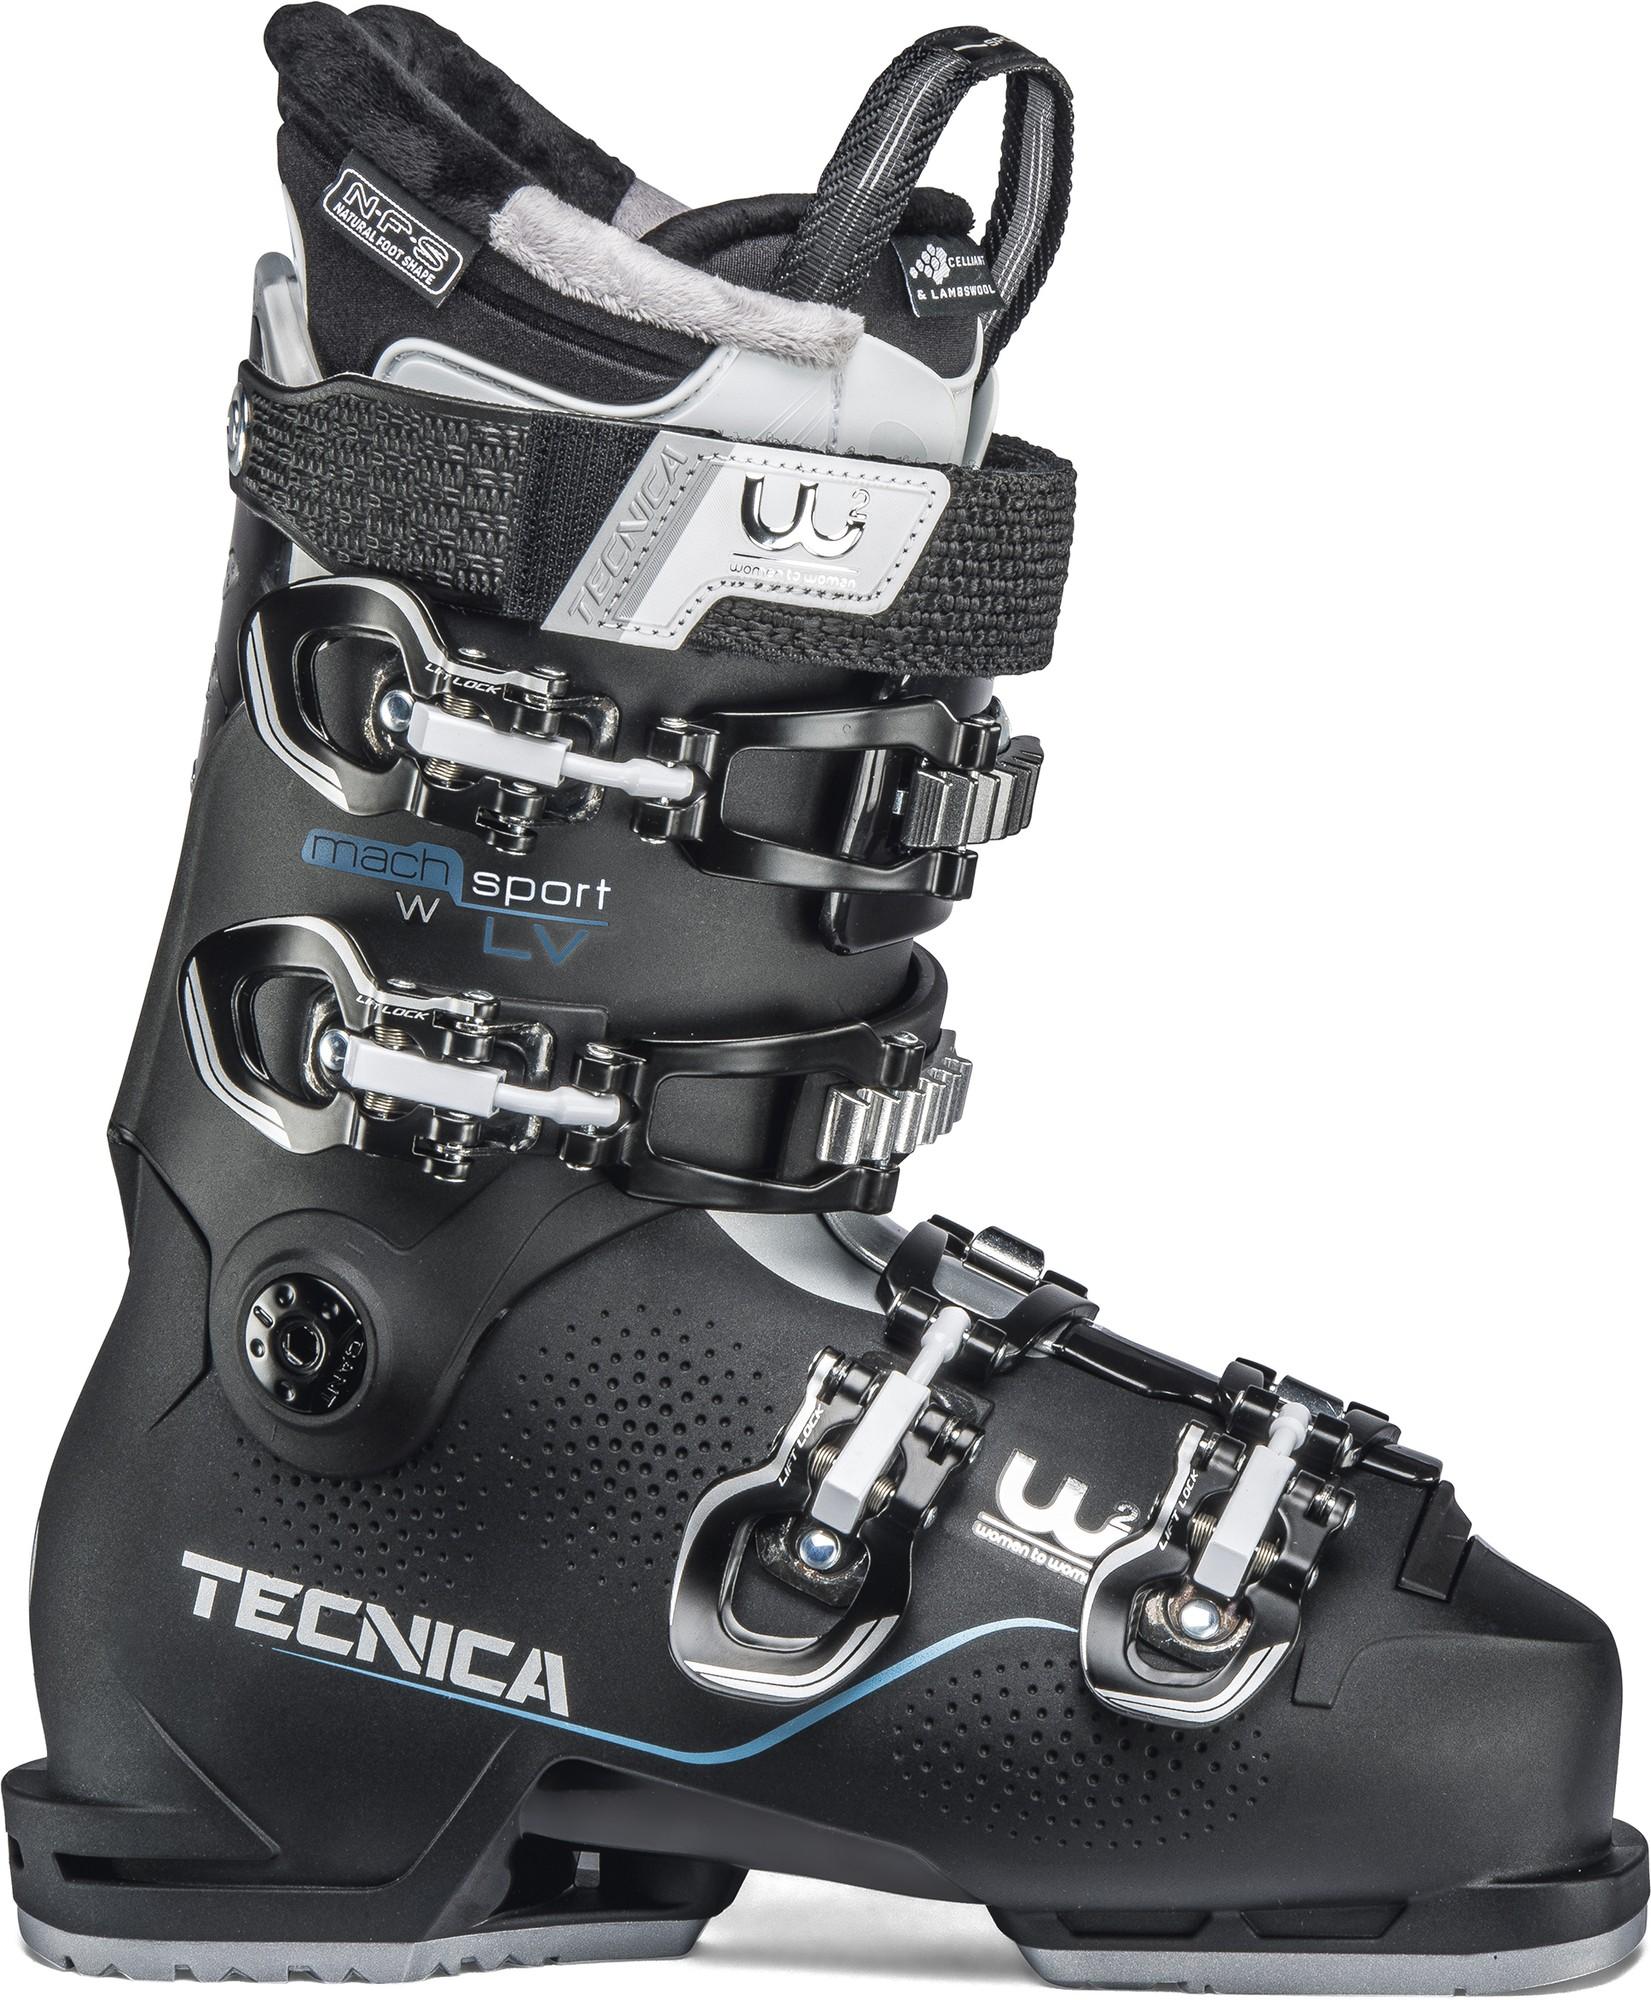 Tecnica Ботинки горнолыжные женские MACH SPORT LV 85 W, размер 25,5 см